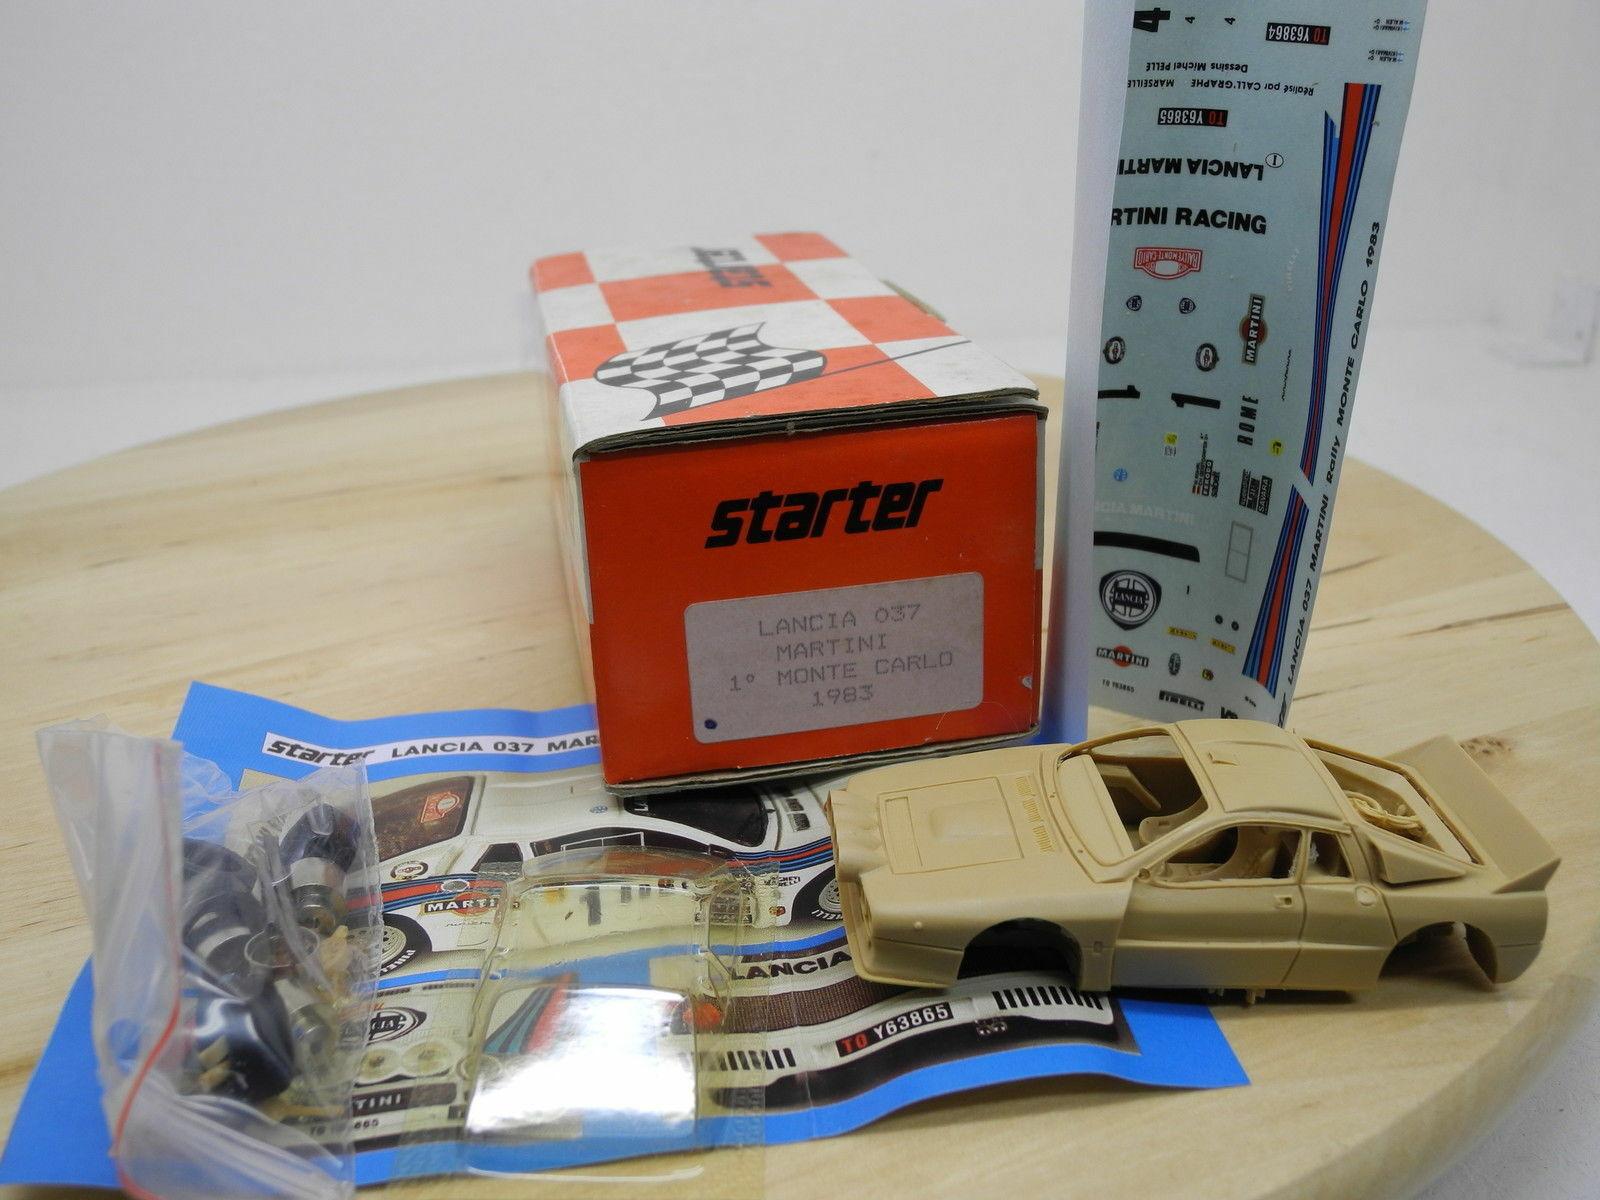 Kit Lancia 037 Martini  1 Rally Montecarlo 1983 - Starter kit 1 43